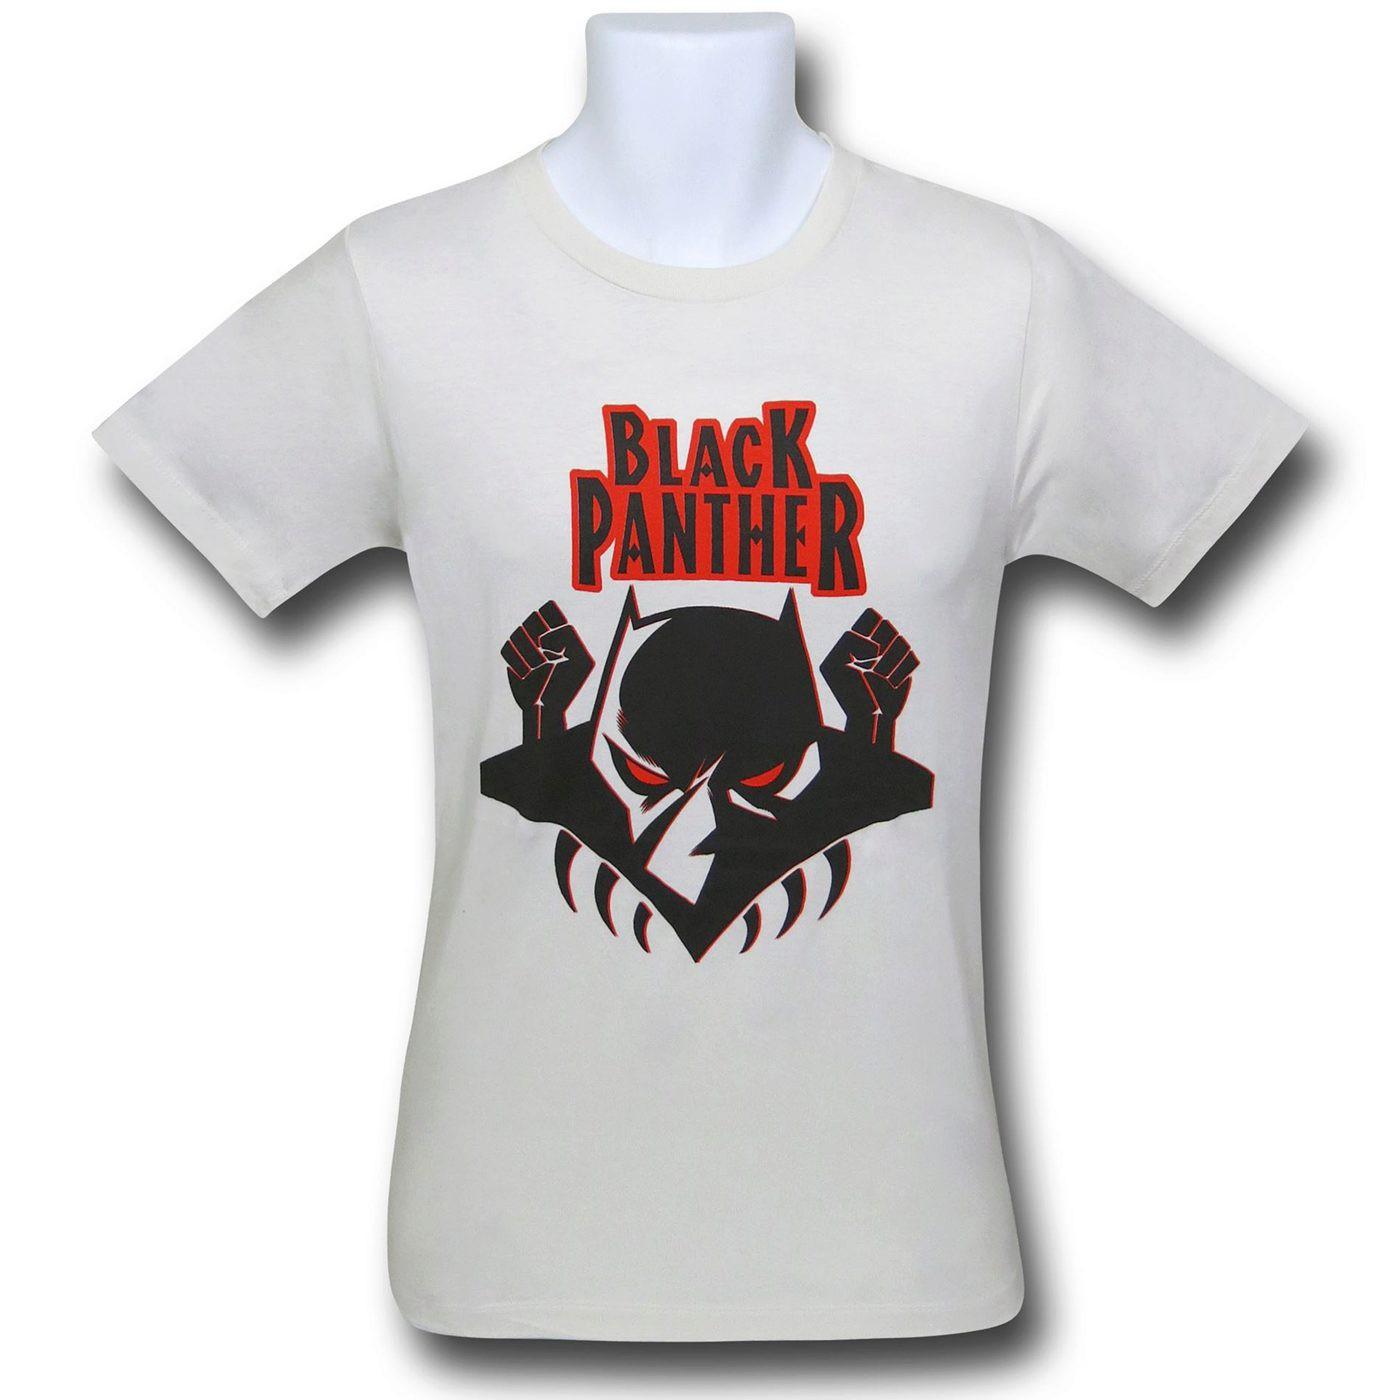 Black Panther Logo on Cream 30 Single T-Shirt